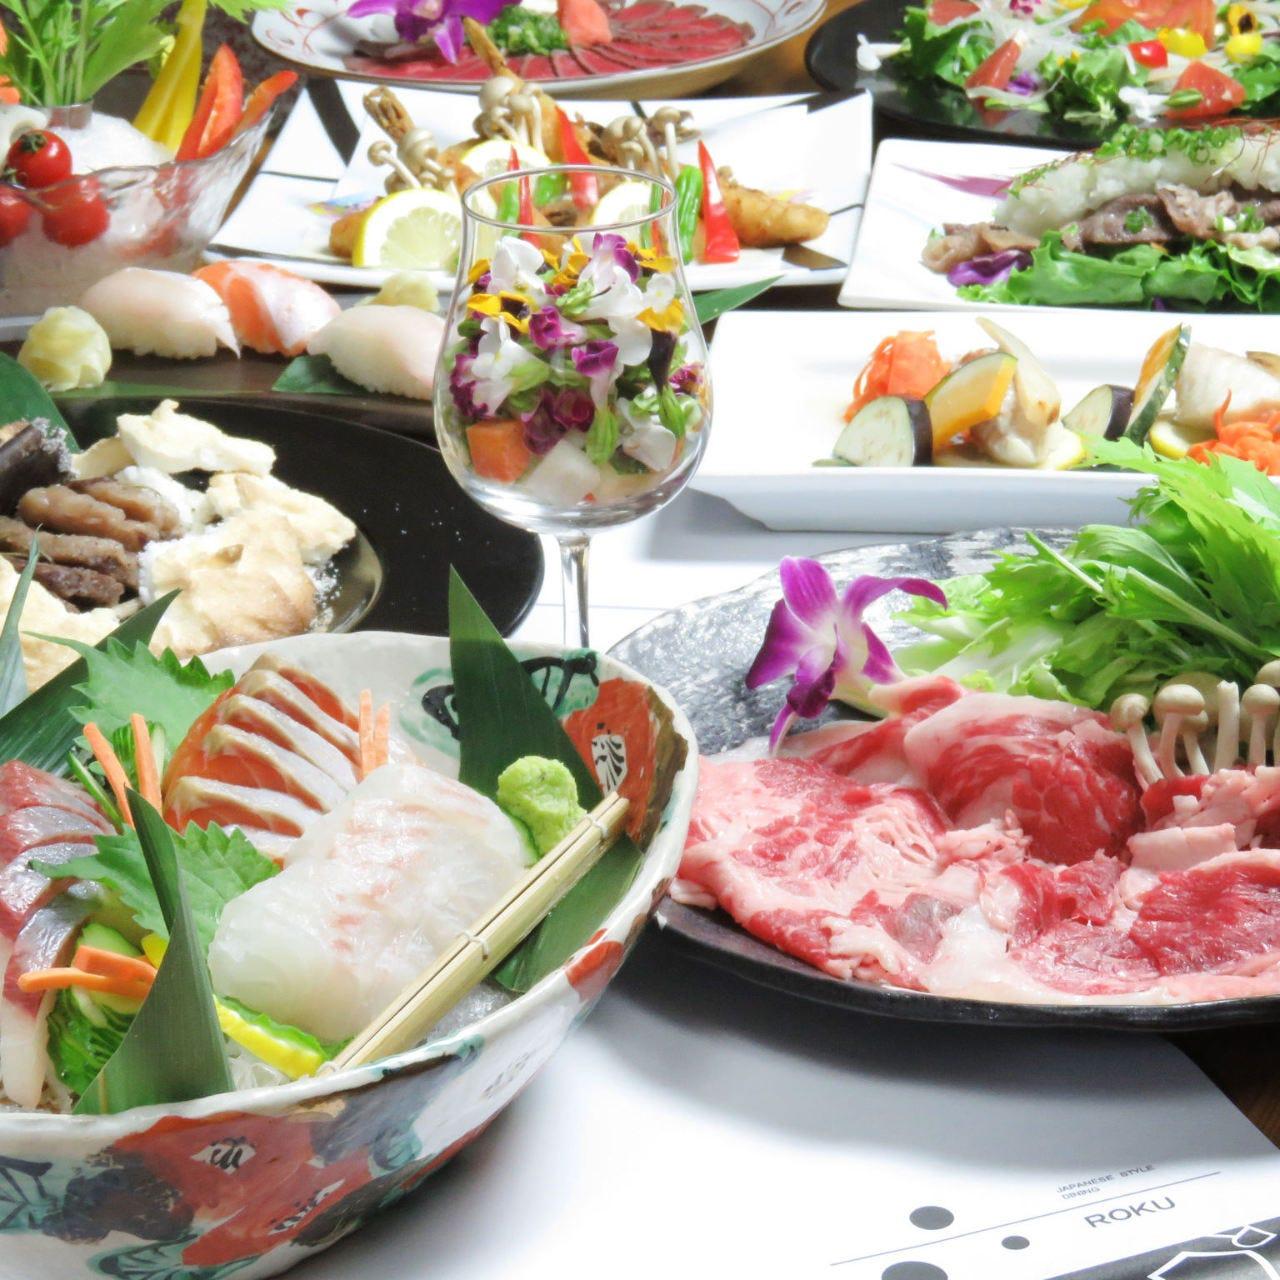 歓送迎会等にも最適!お料理が選べる!六オリジナルコース【2H飲放付】クーポンで4500円(込)